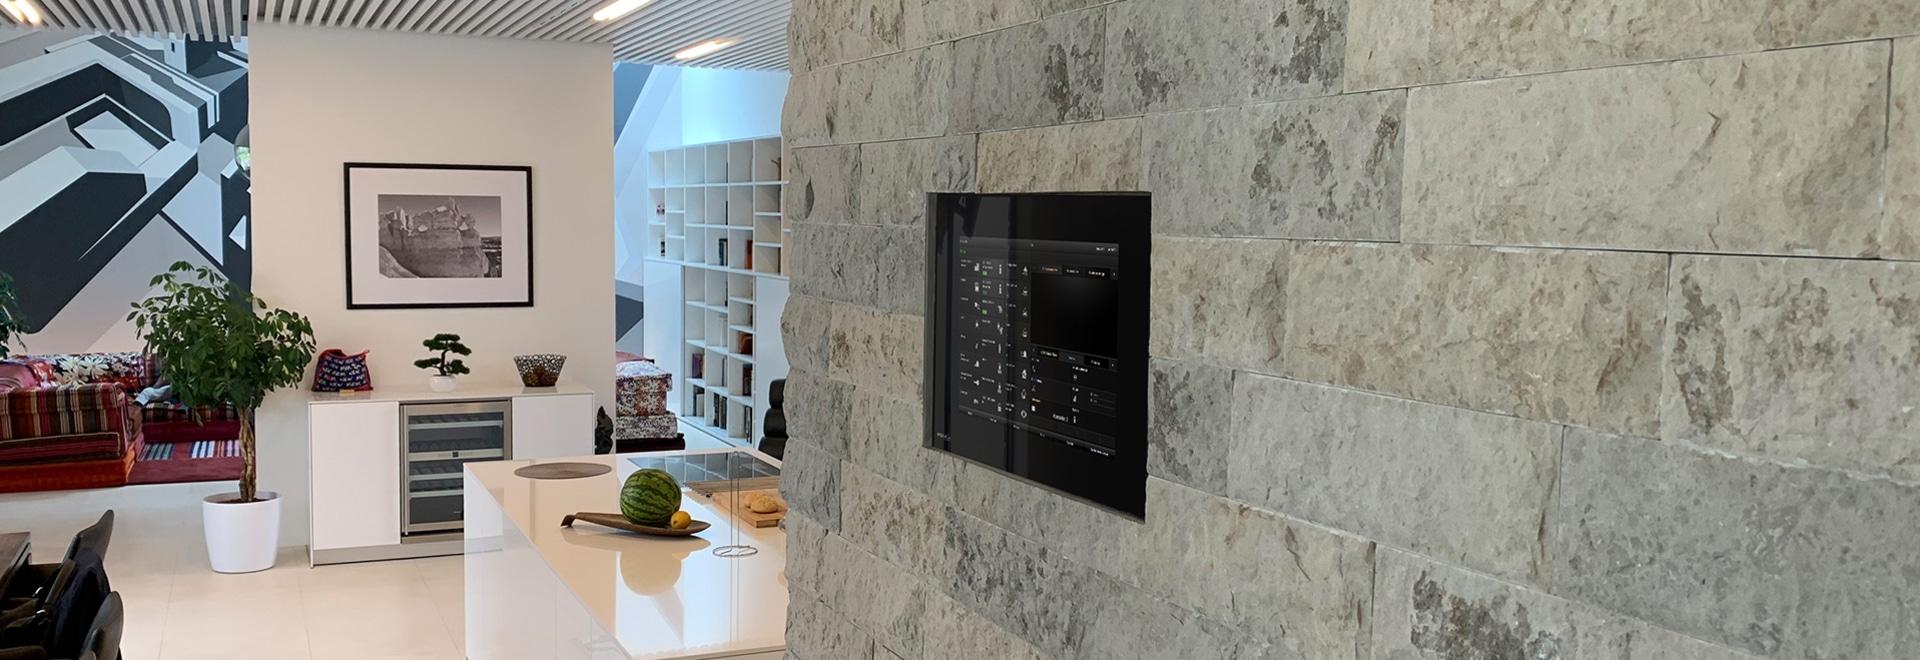 Controlpro sorgt für Komfort und Kontrolle im Designferienhaus